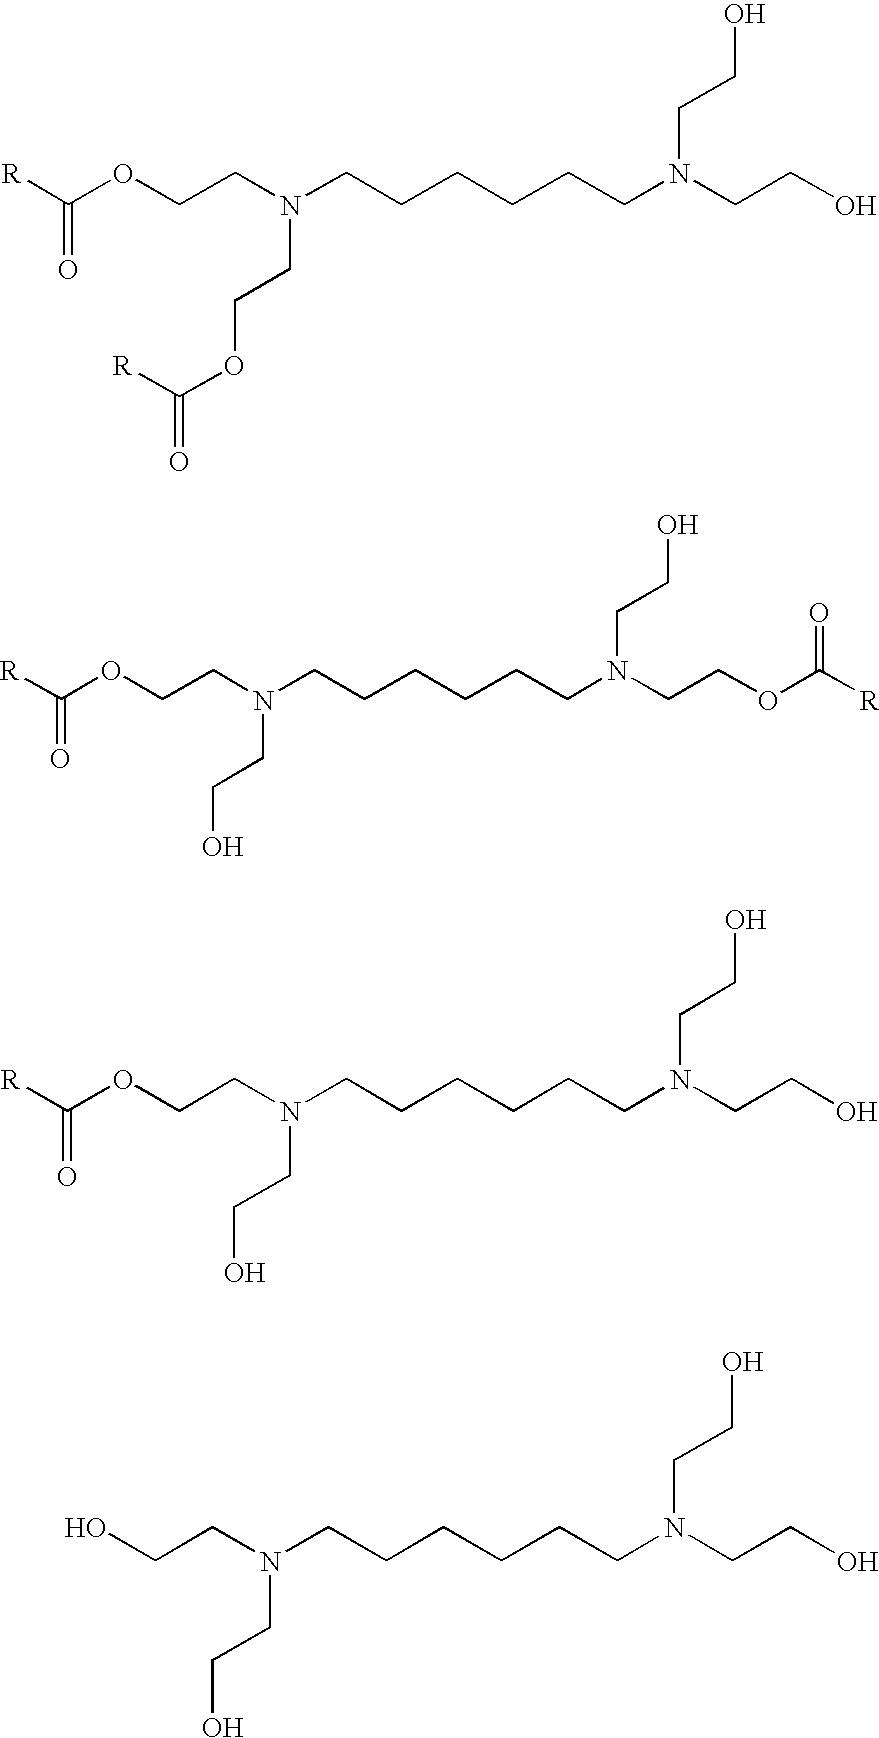 Figure US20030139313A1-20030724-C00004